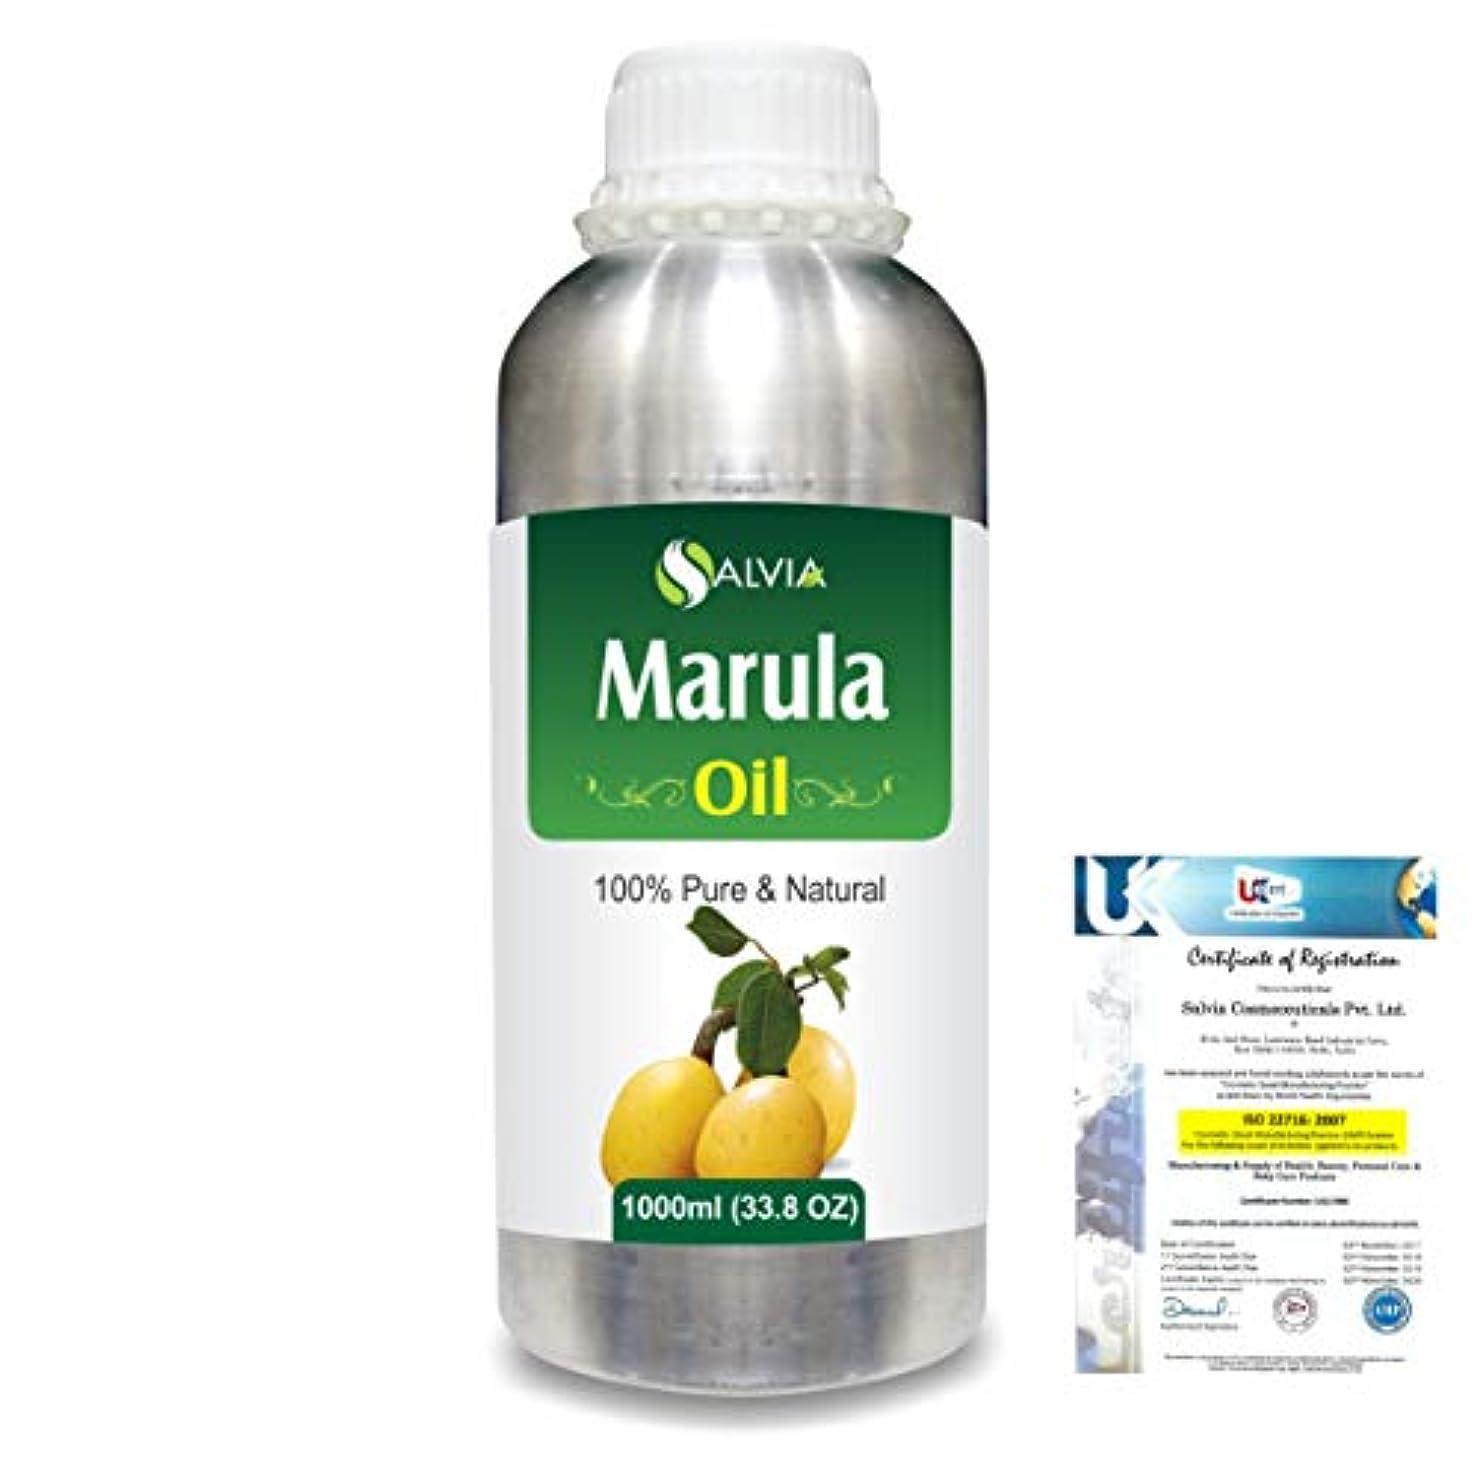 検索エンジン最適化国勢調査サーバMarula (Sclerocarya birrea) Natural Pure Undiluted Uncut Carrier Oil 1000ml/33.8 fl.oz.